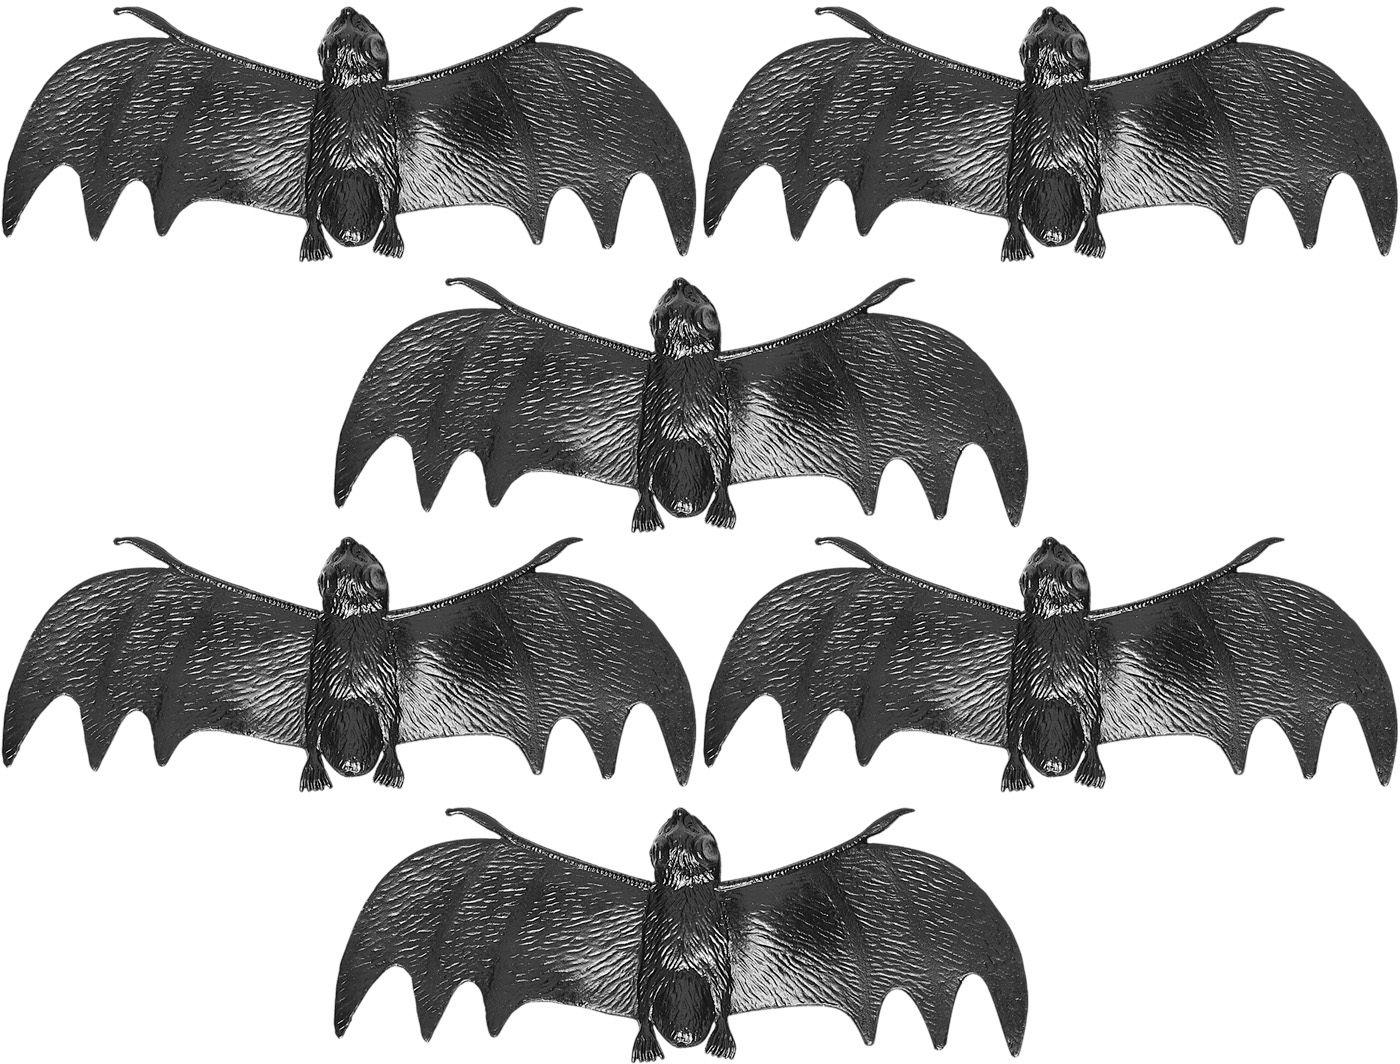 Zwarte vleermuizen decoratie